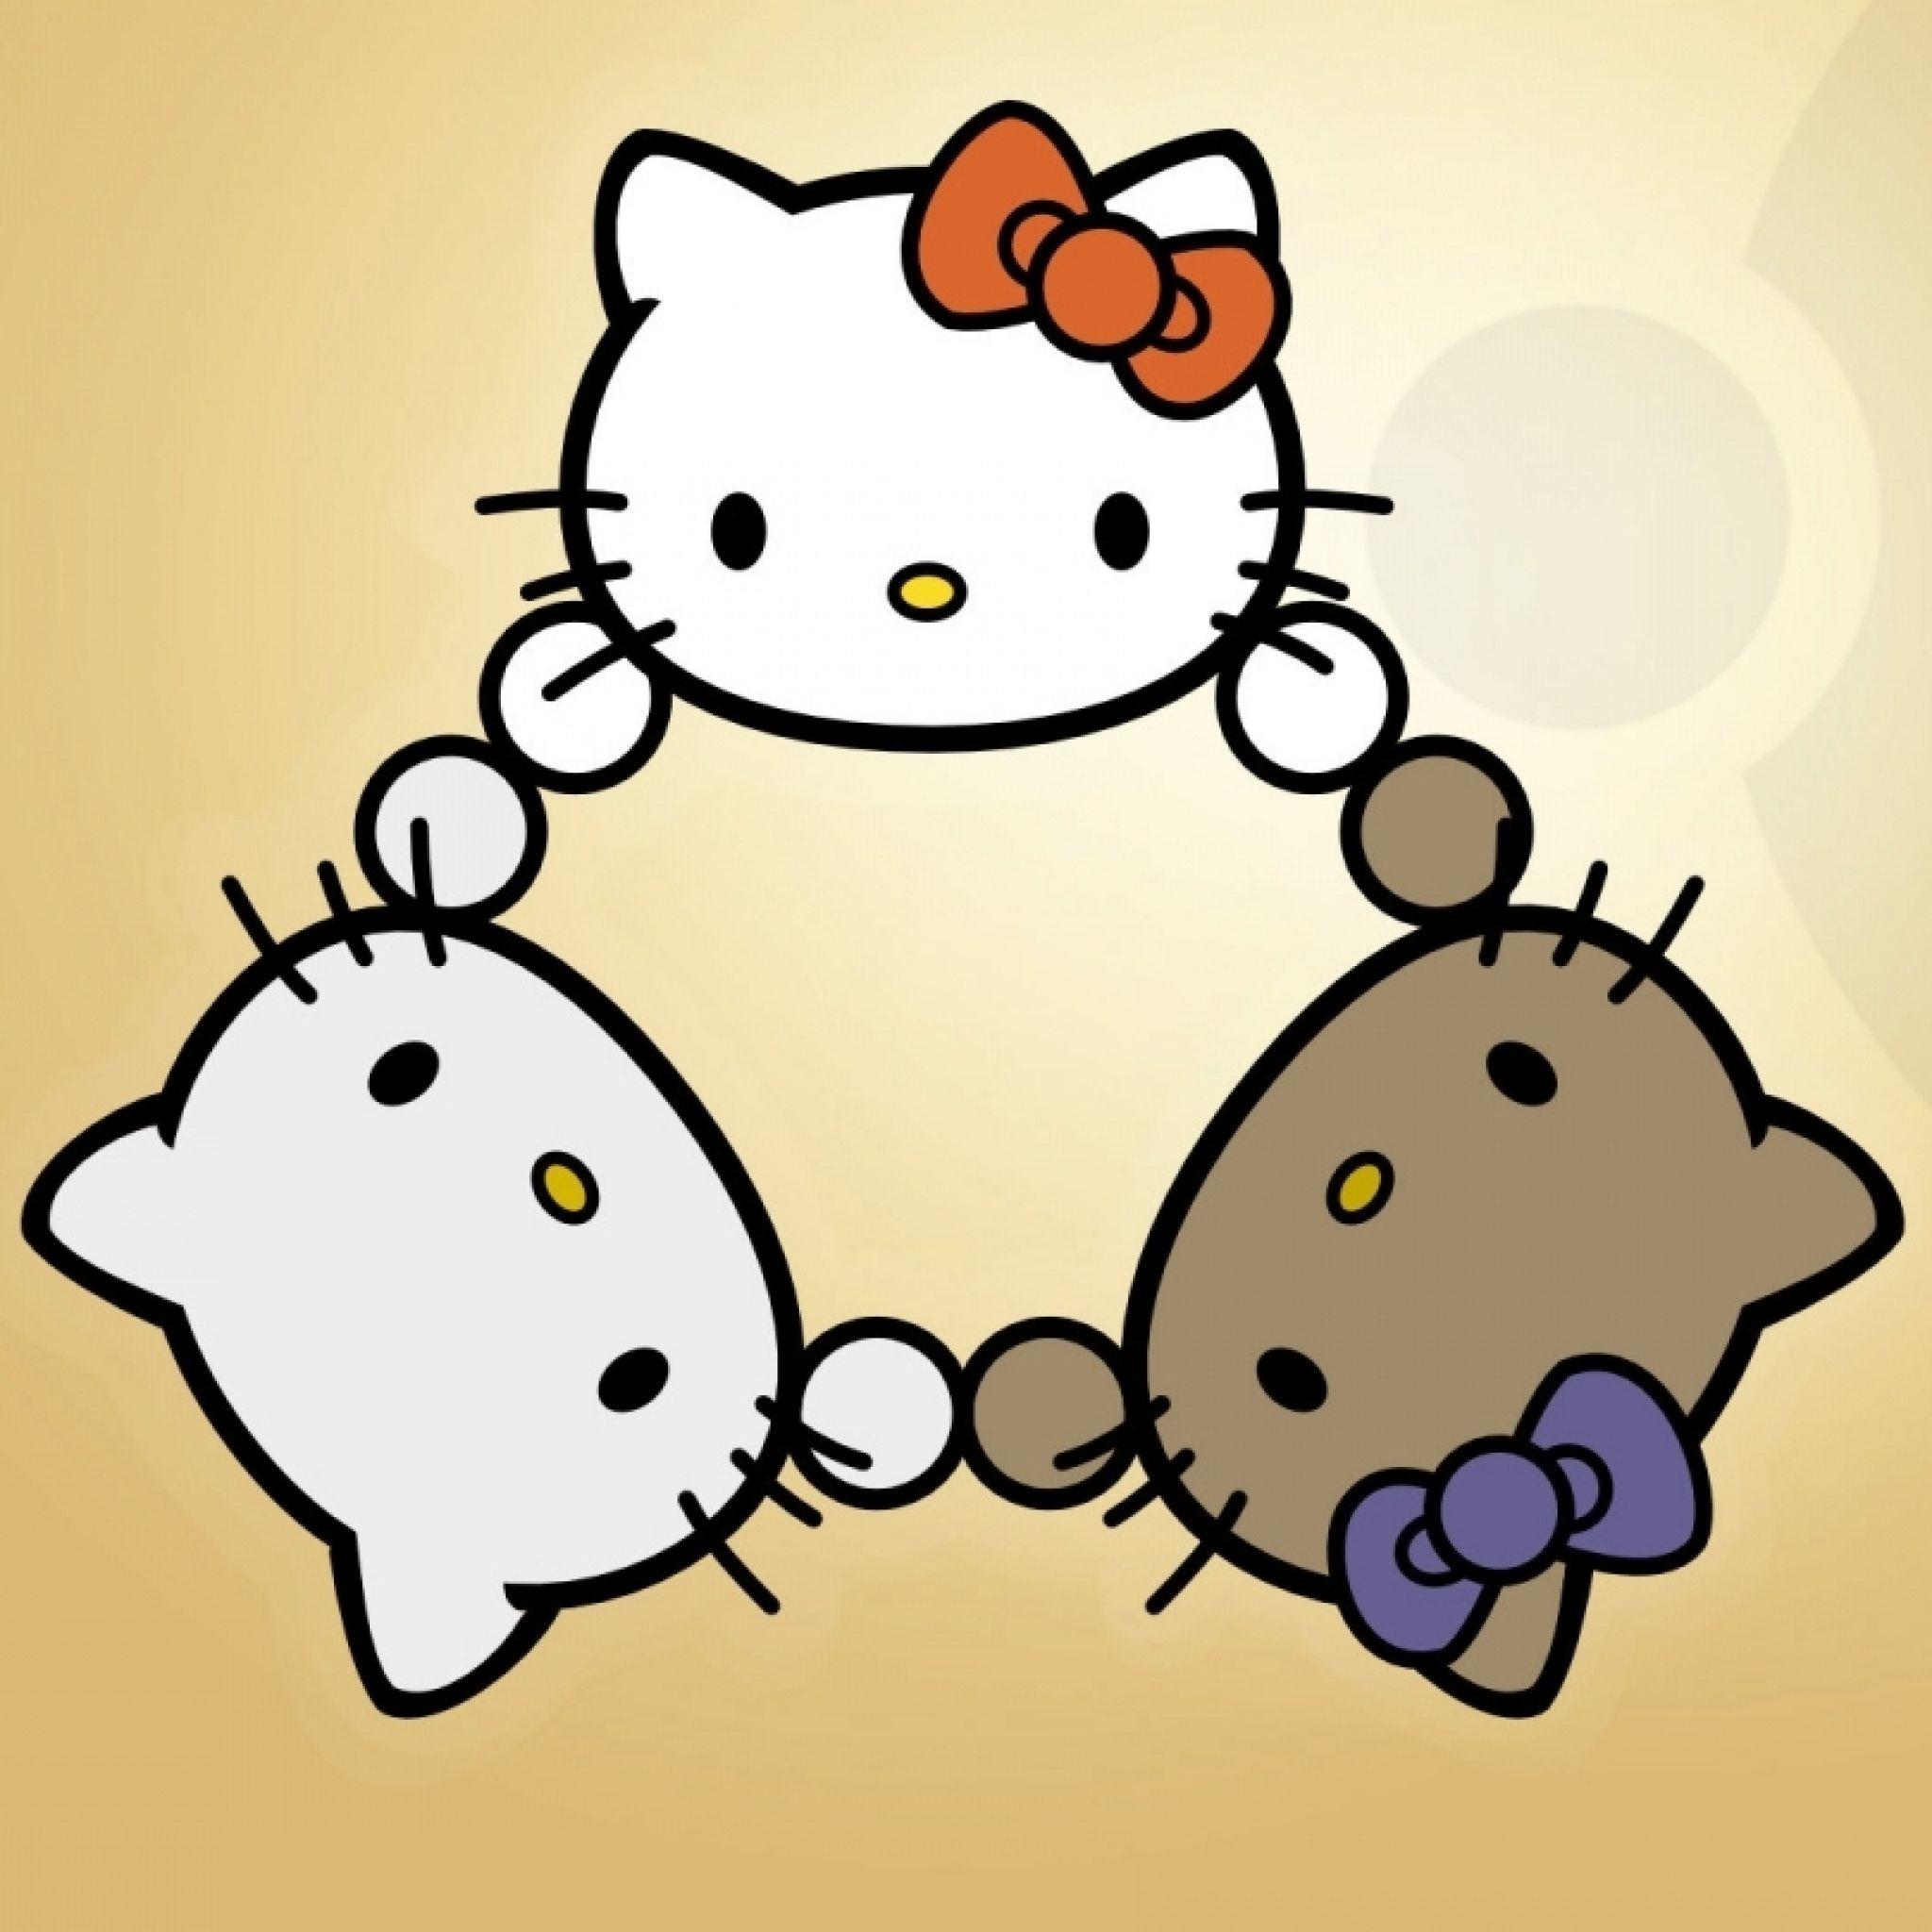 Good Wallpaper Hello Kitty Head - 3a07c9567be6a4797c8e8f93686ceb80  HD_288495.jpg